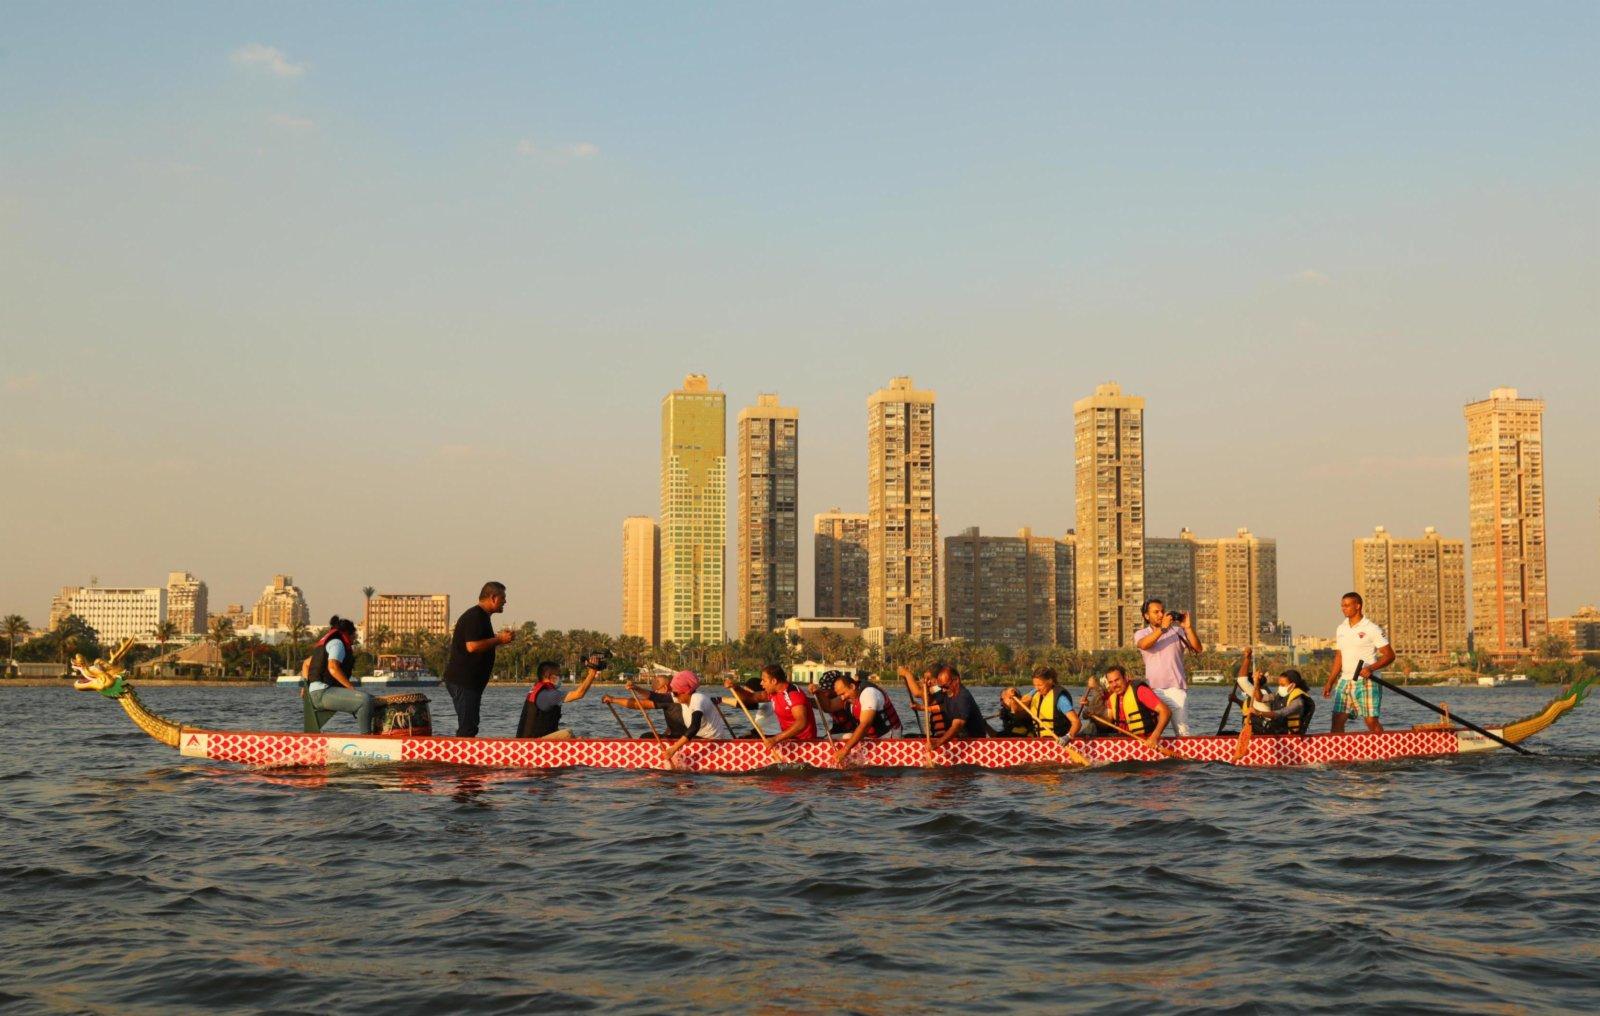 在埃及首都開羅,埃及龍舟文化體驗基地的龍舟隊在尼羅河上進行龍舟競賽。